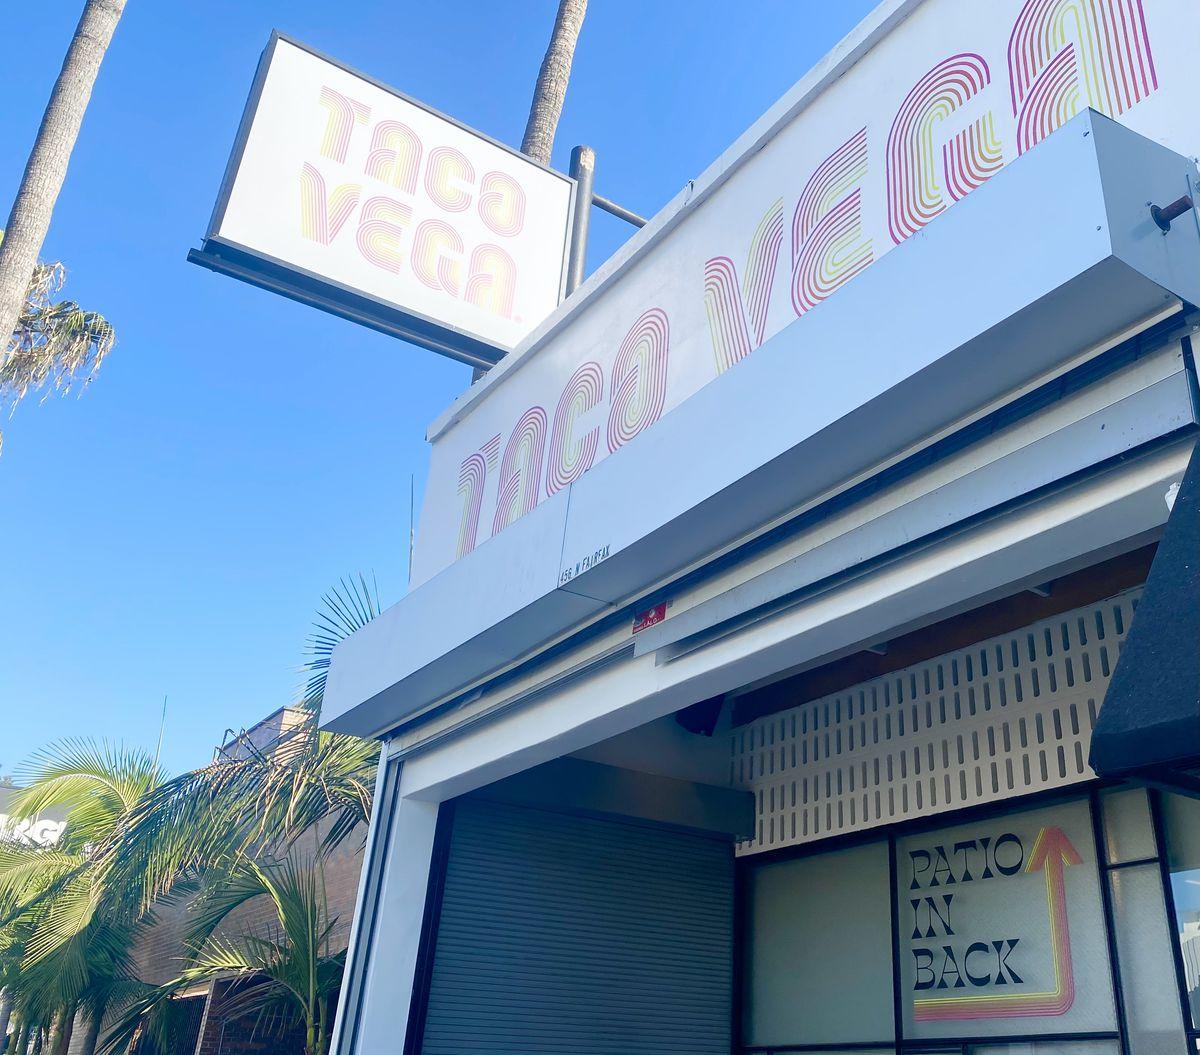 Taco Vega signage